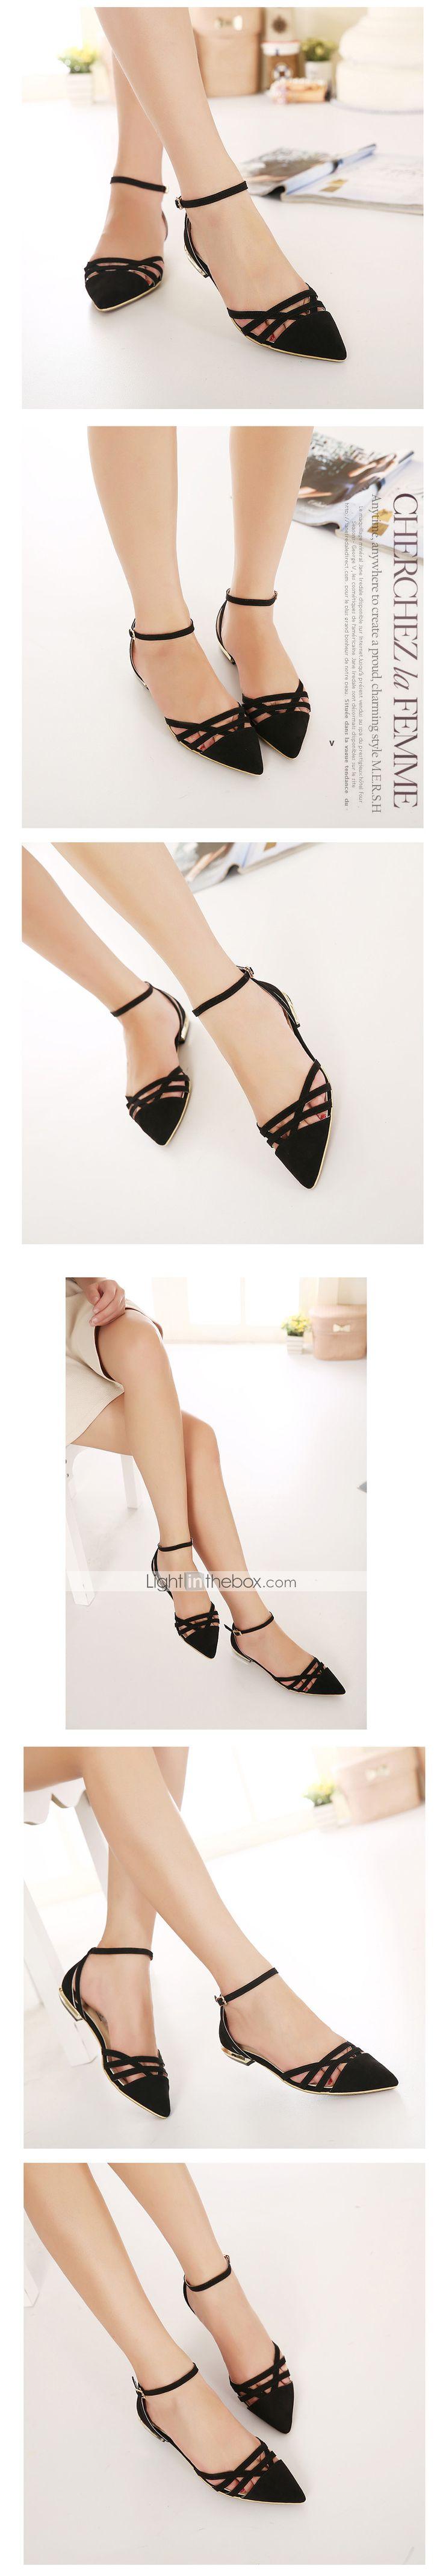 Calçados Femininos Camursa Sintética Rasteiro Conforto/Bico Aberto Sandálias Social/Casual Preto - JPY ¥ 2,232